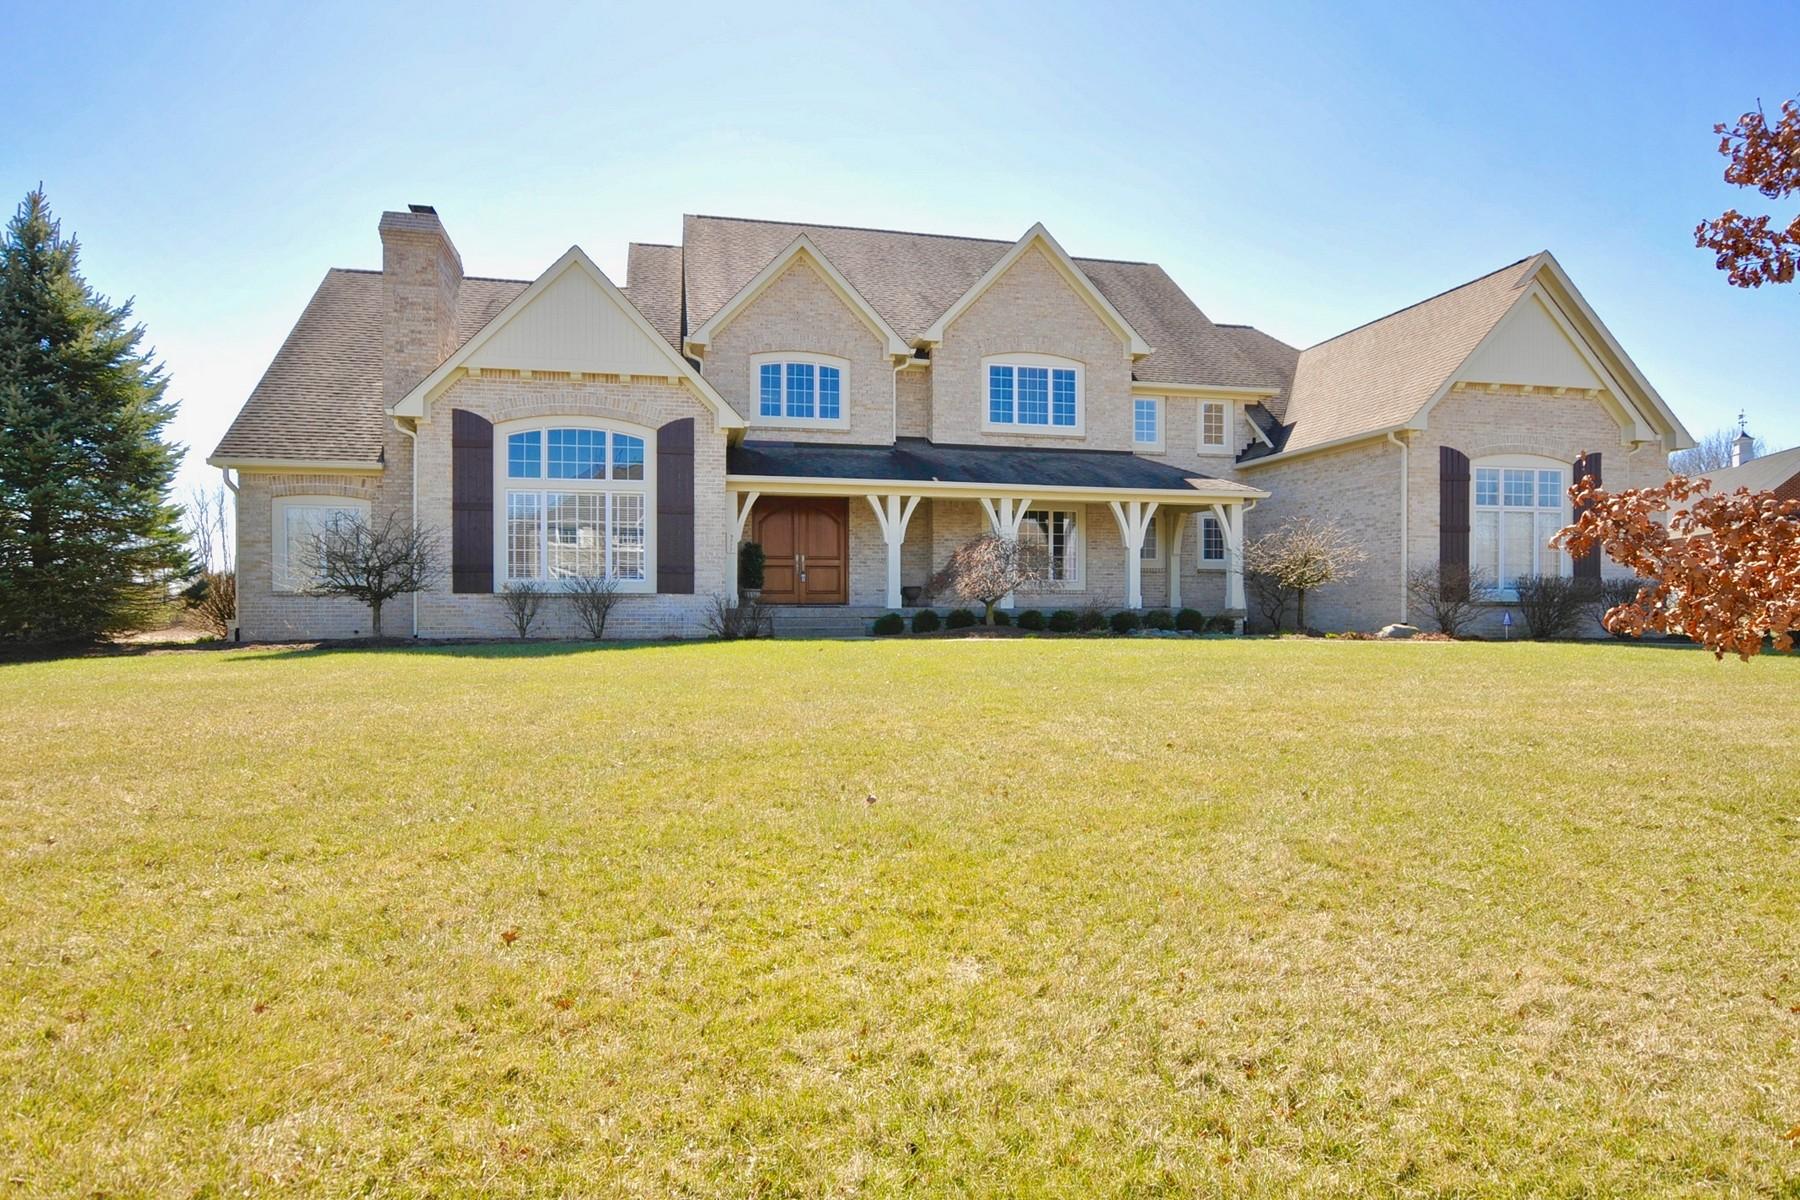 Einfamilienhaus für Verkauf beim Privacy, Tranquility, Serenity 9277 Pleasant View Lane Zionsville, Indiana, 46077 Vereinigte Staaten